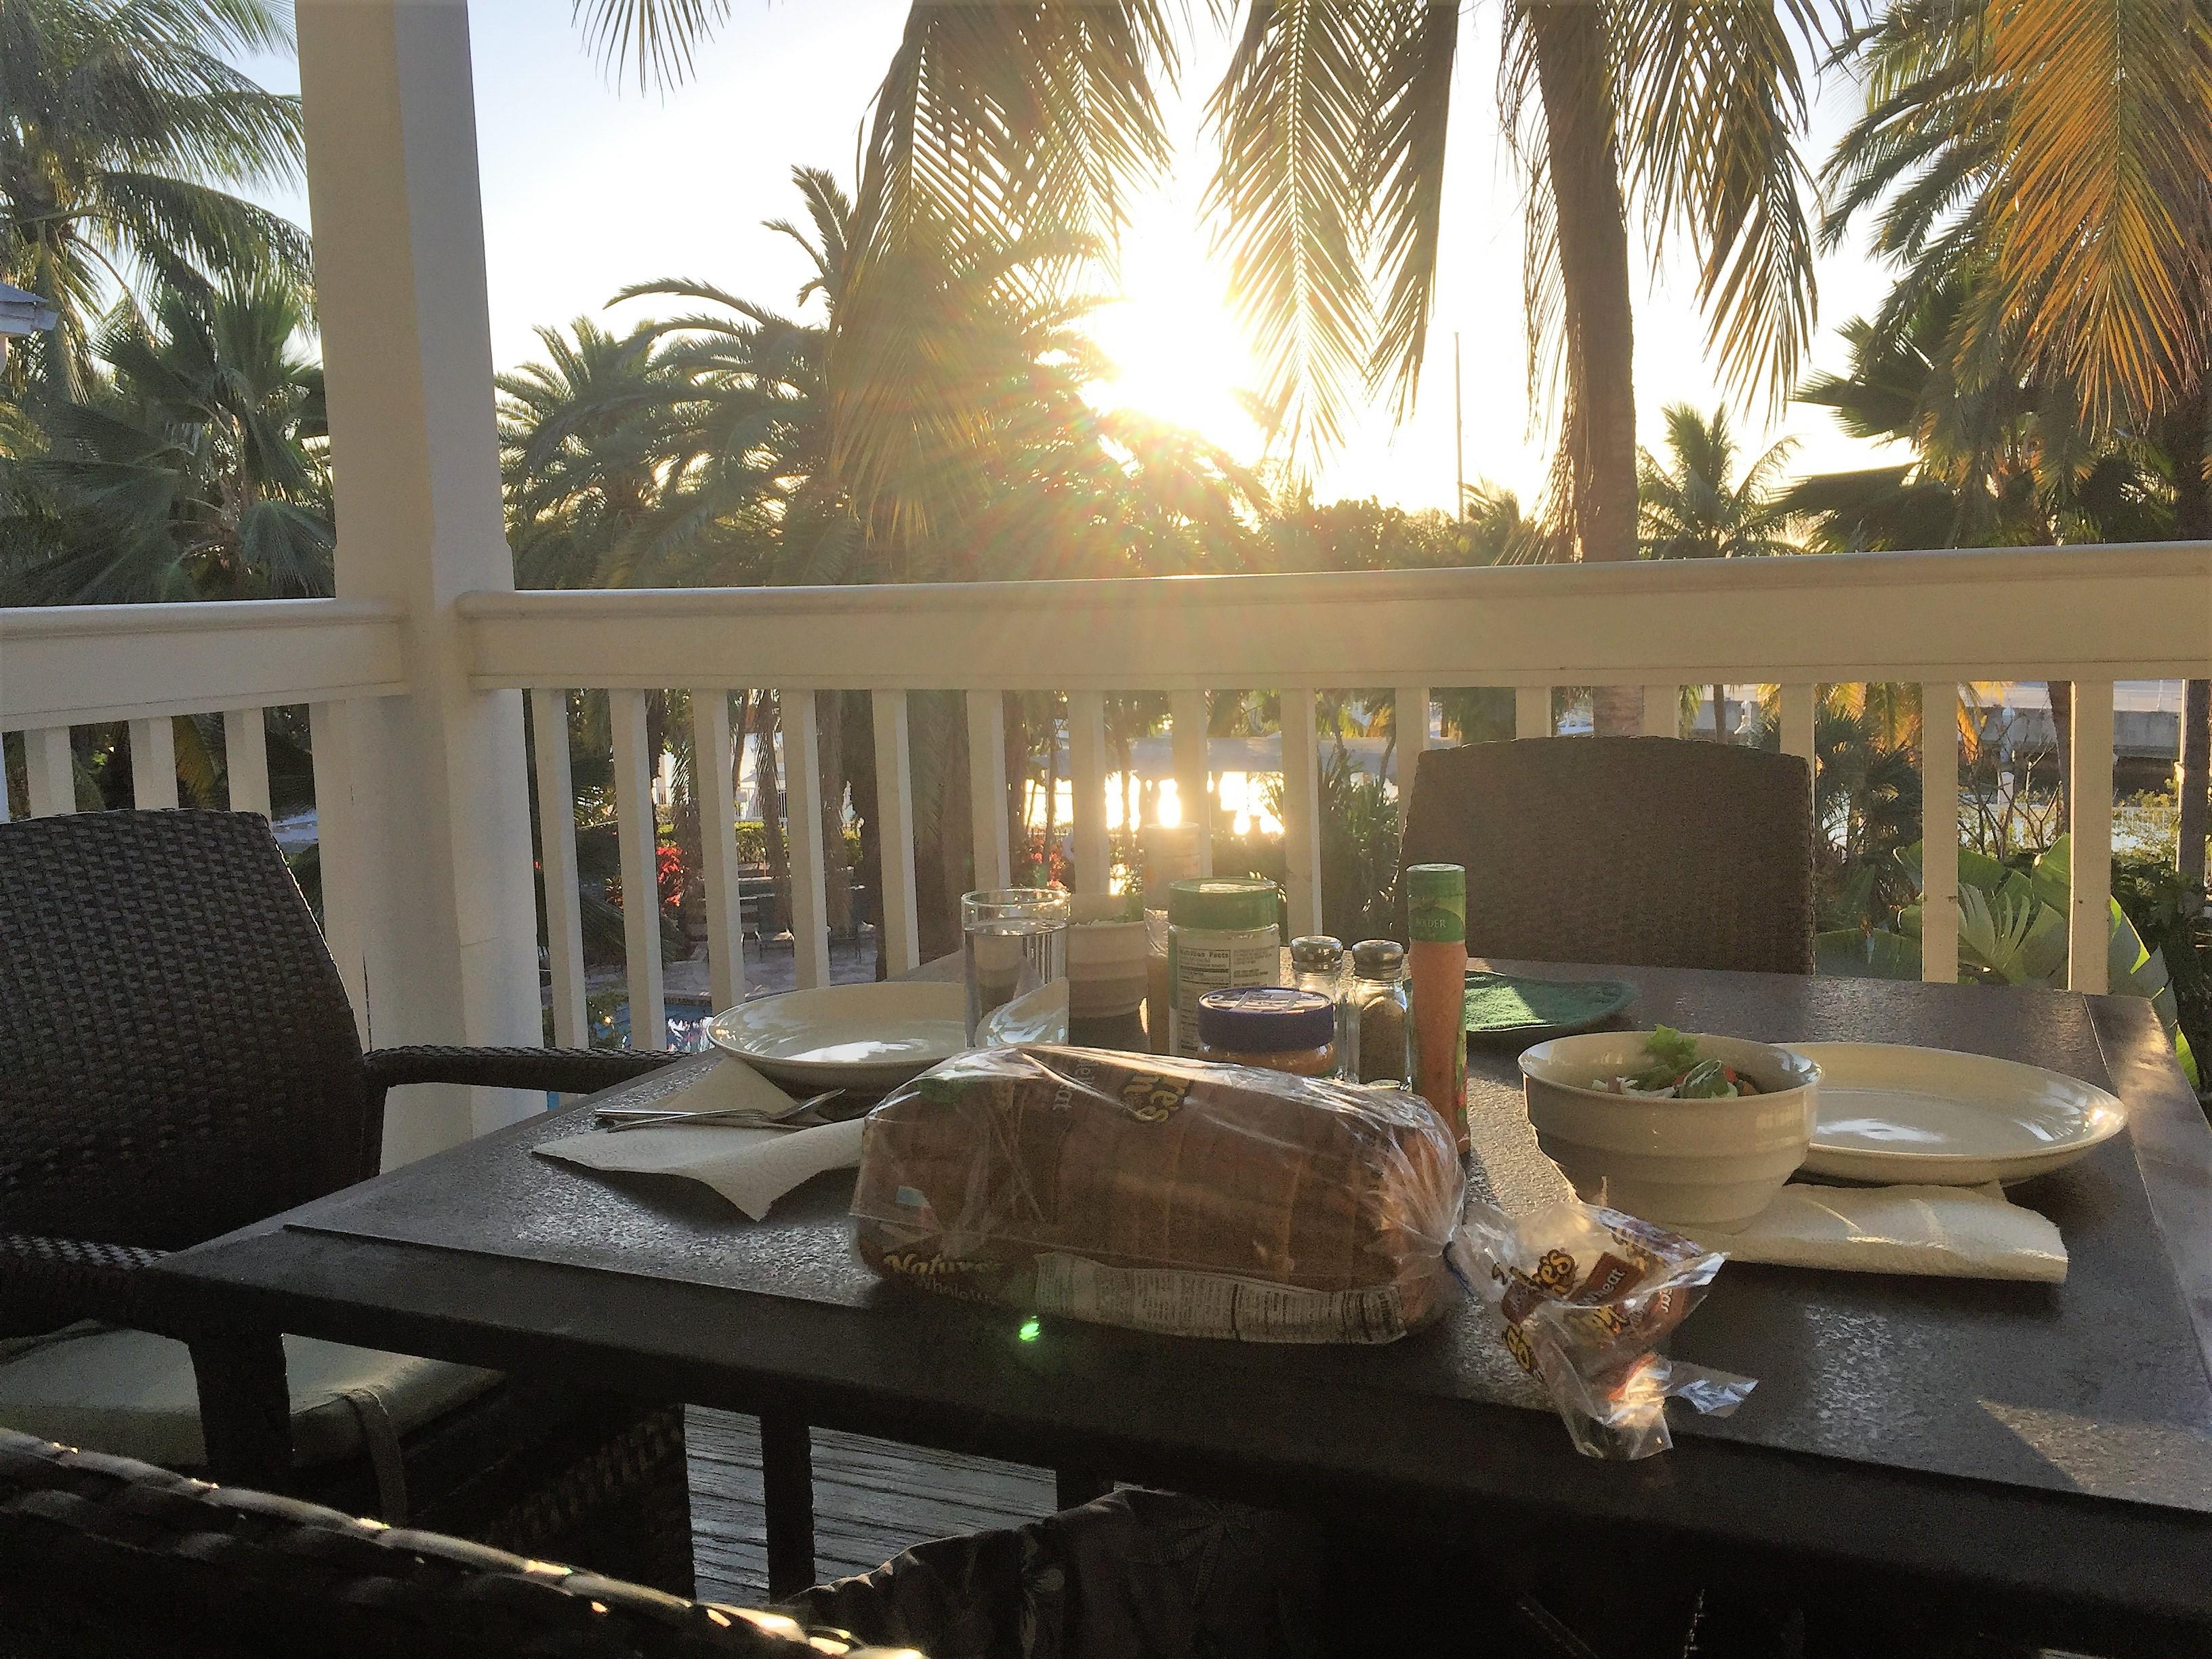 Hyatt Sunset Harbor Resort image